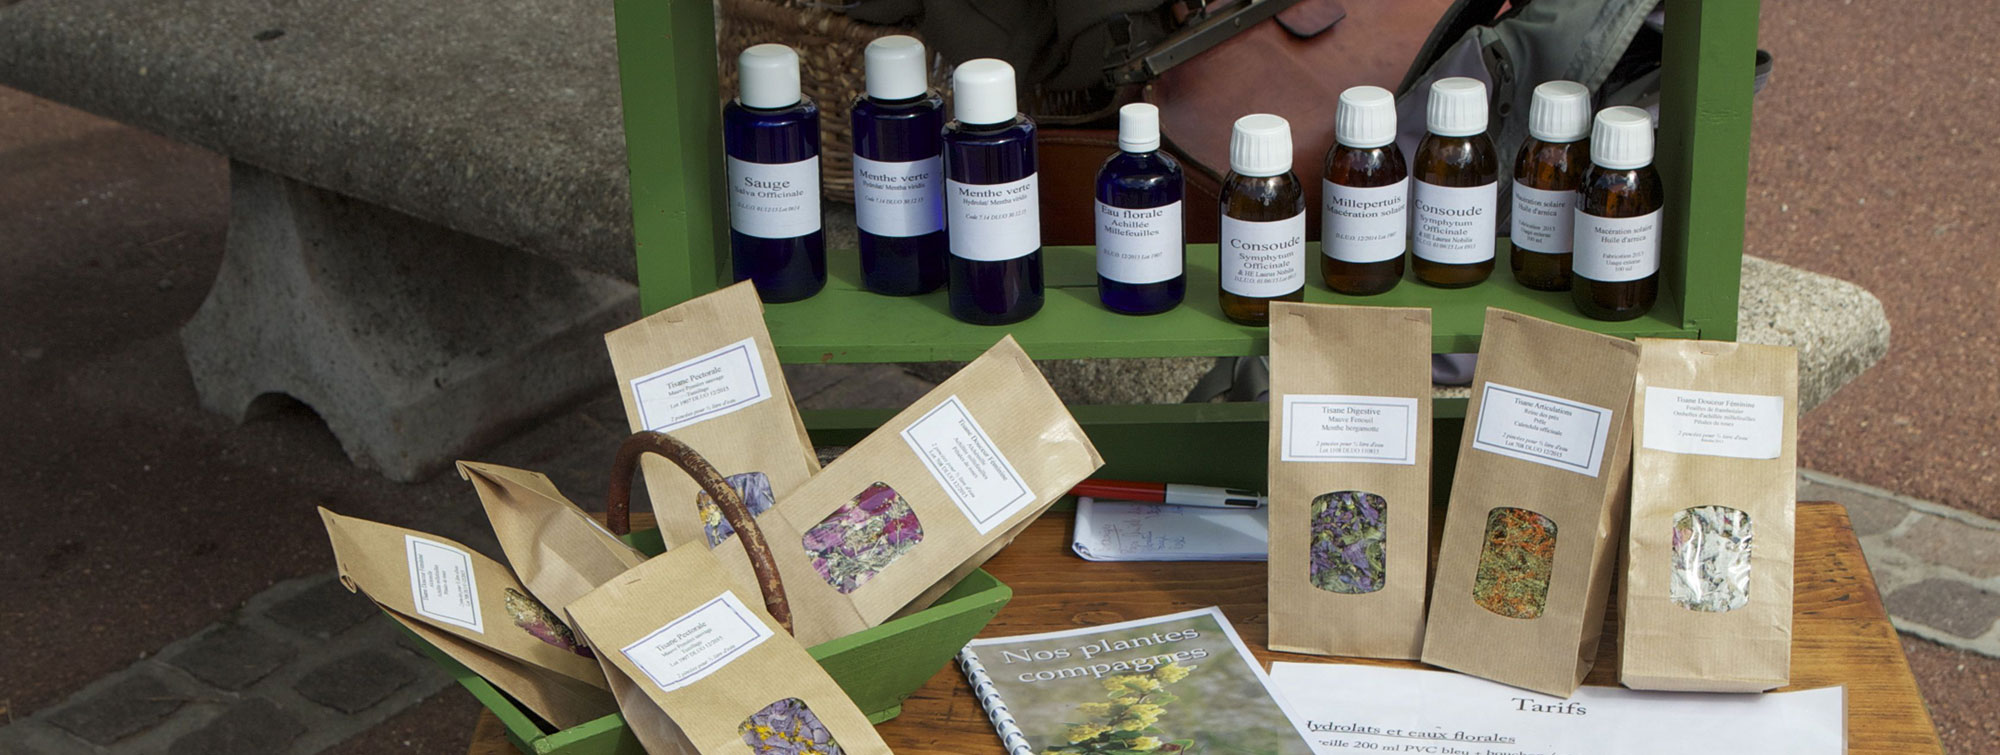 Tisanes, hydrolats, eaux florales, huiles de massage de l'herbaliste des Epilobes